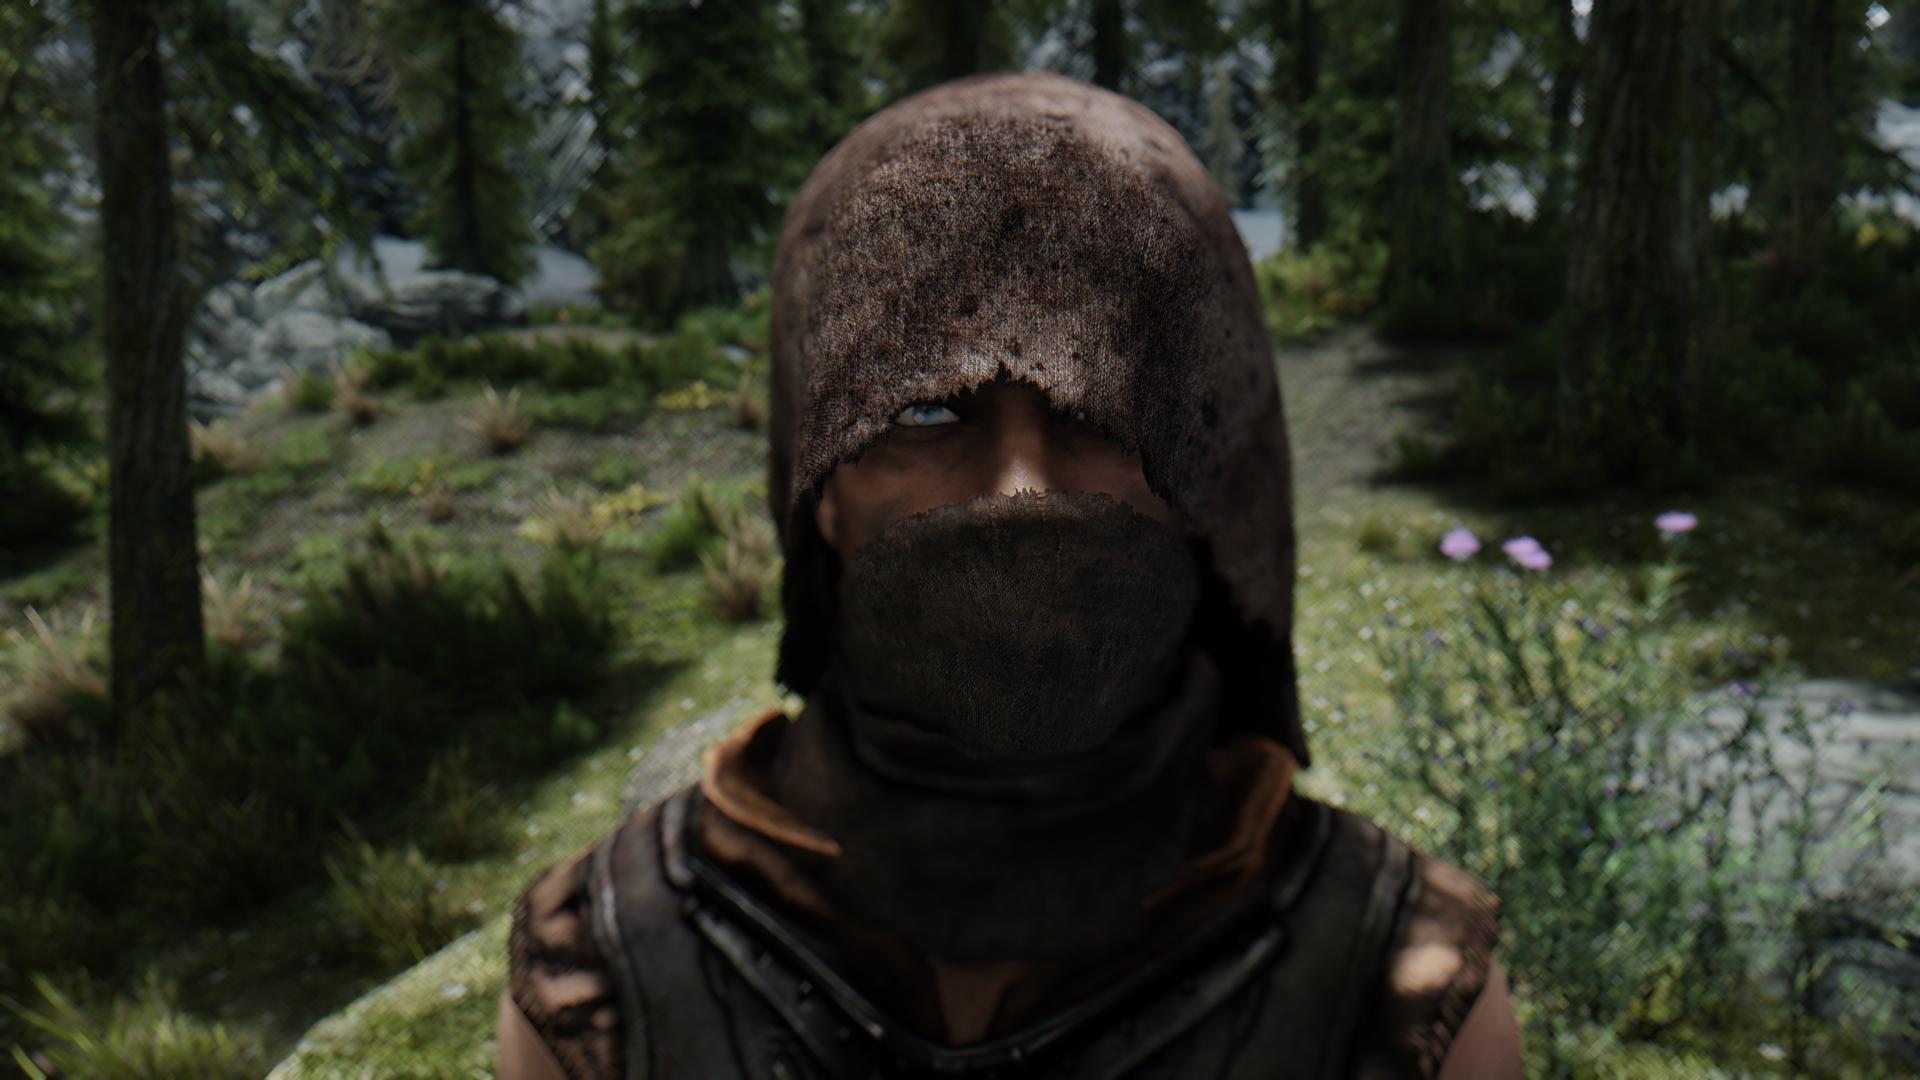 Hood of Stranger